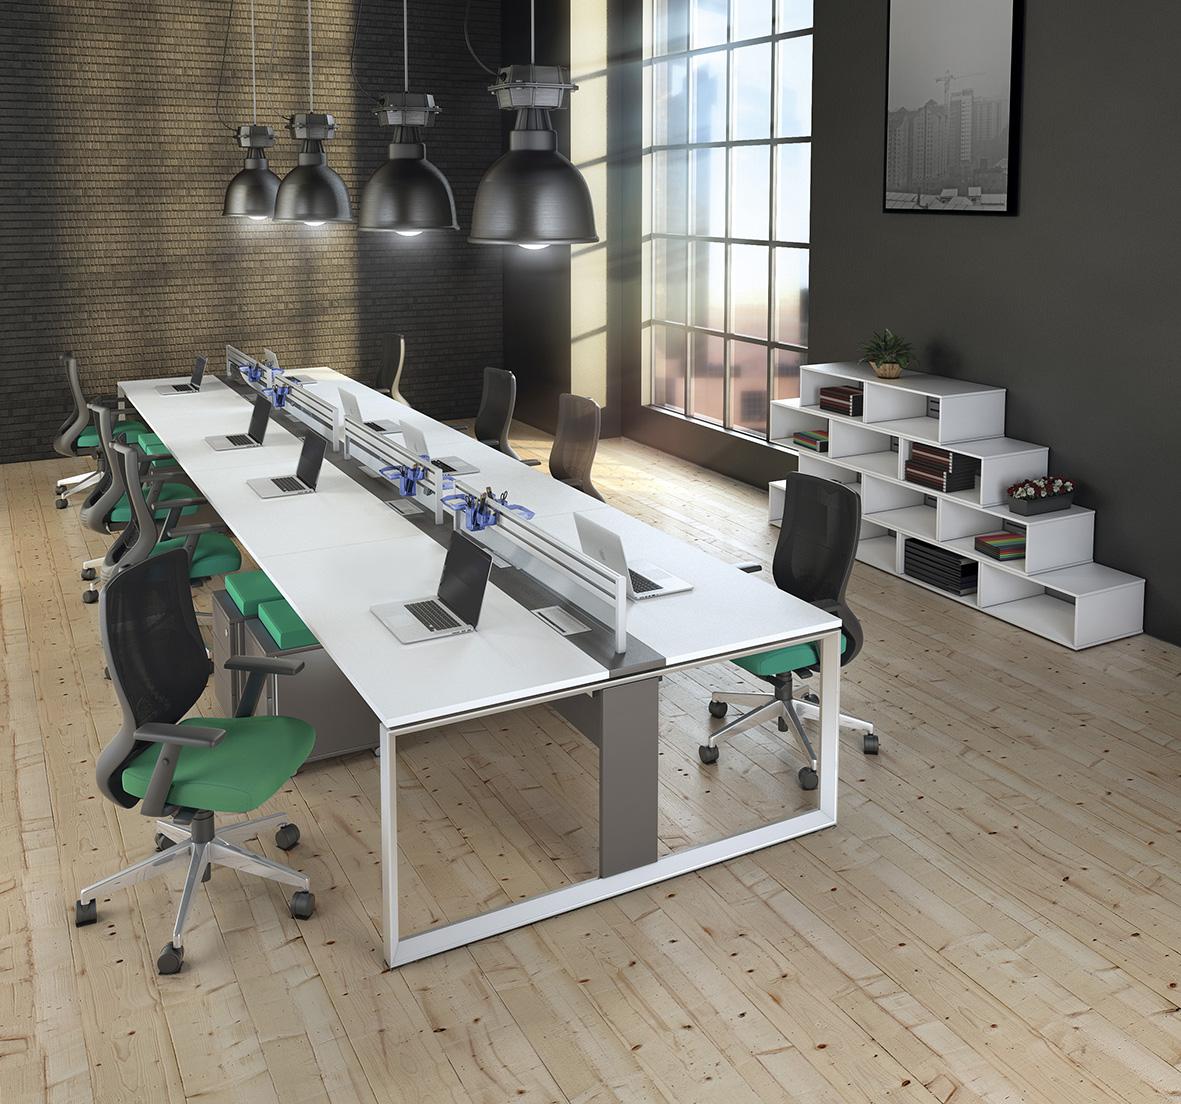 Espaço para atividade colaborativa com Estação de Trabalho Aluminium da RS Design.